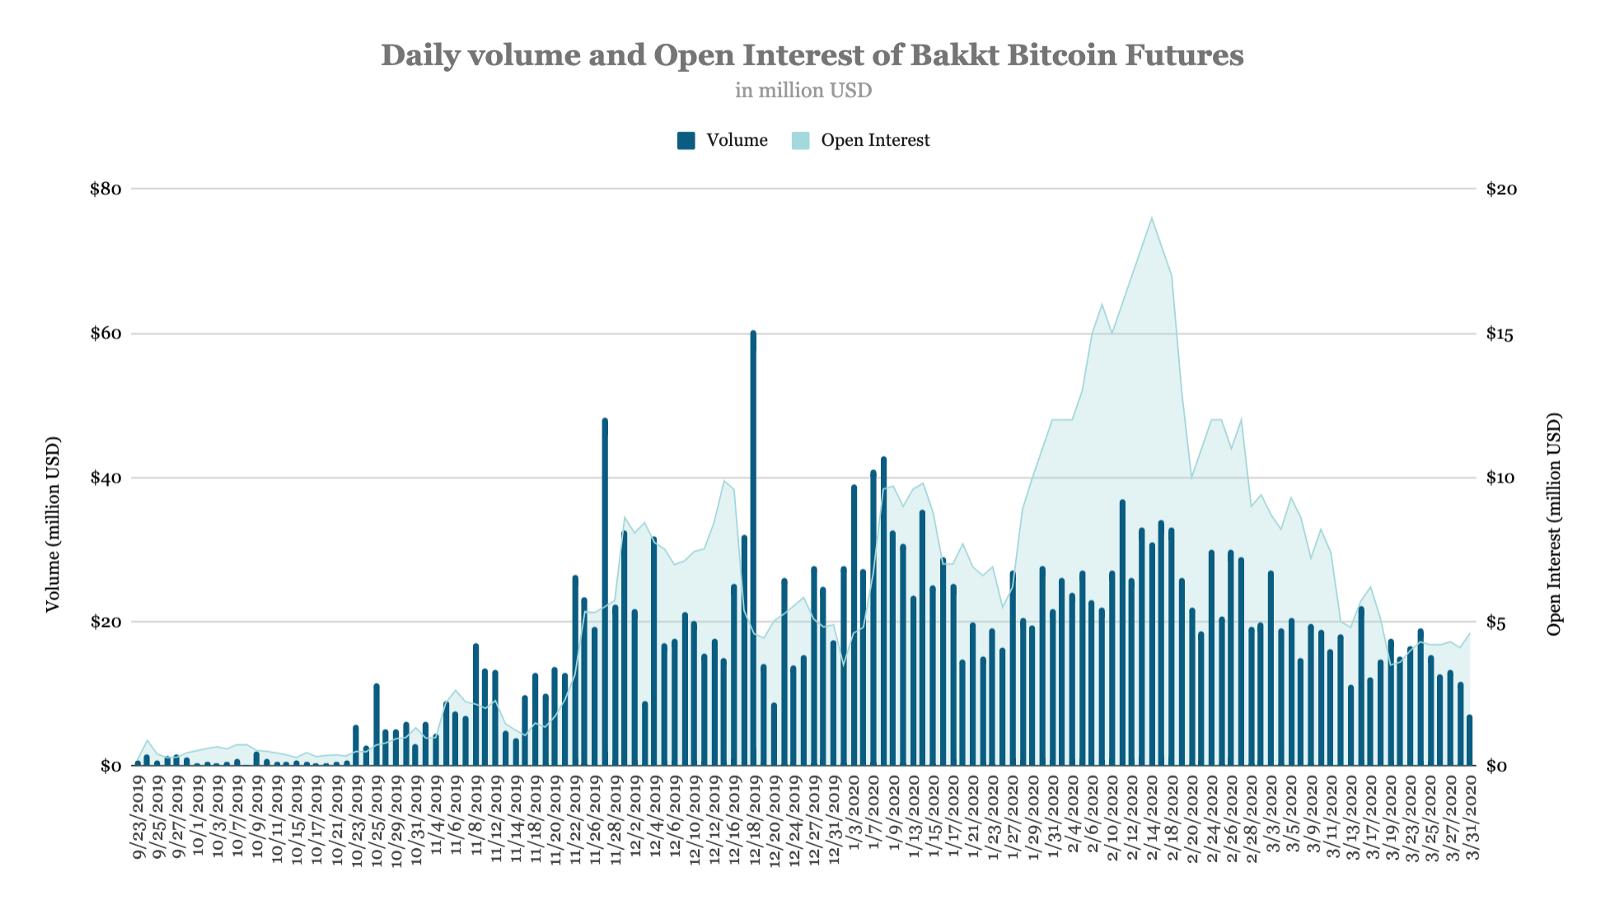 ปริมาณซื้อขาย Bitcoin futures ของตลาด CME และ Bakkt ในเดือนมีนาคม ลดลงมาก